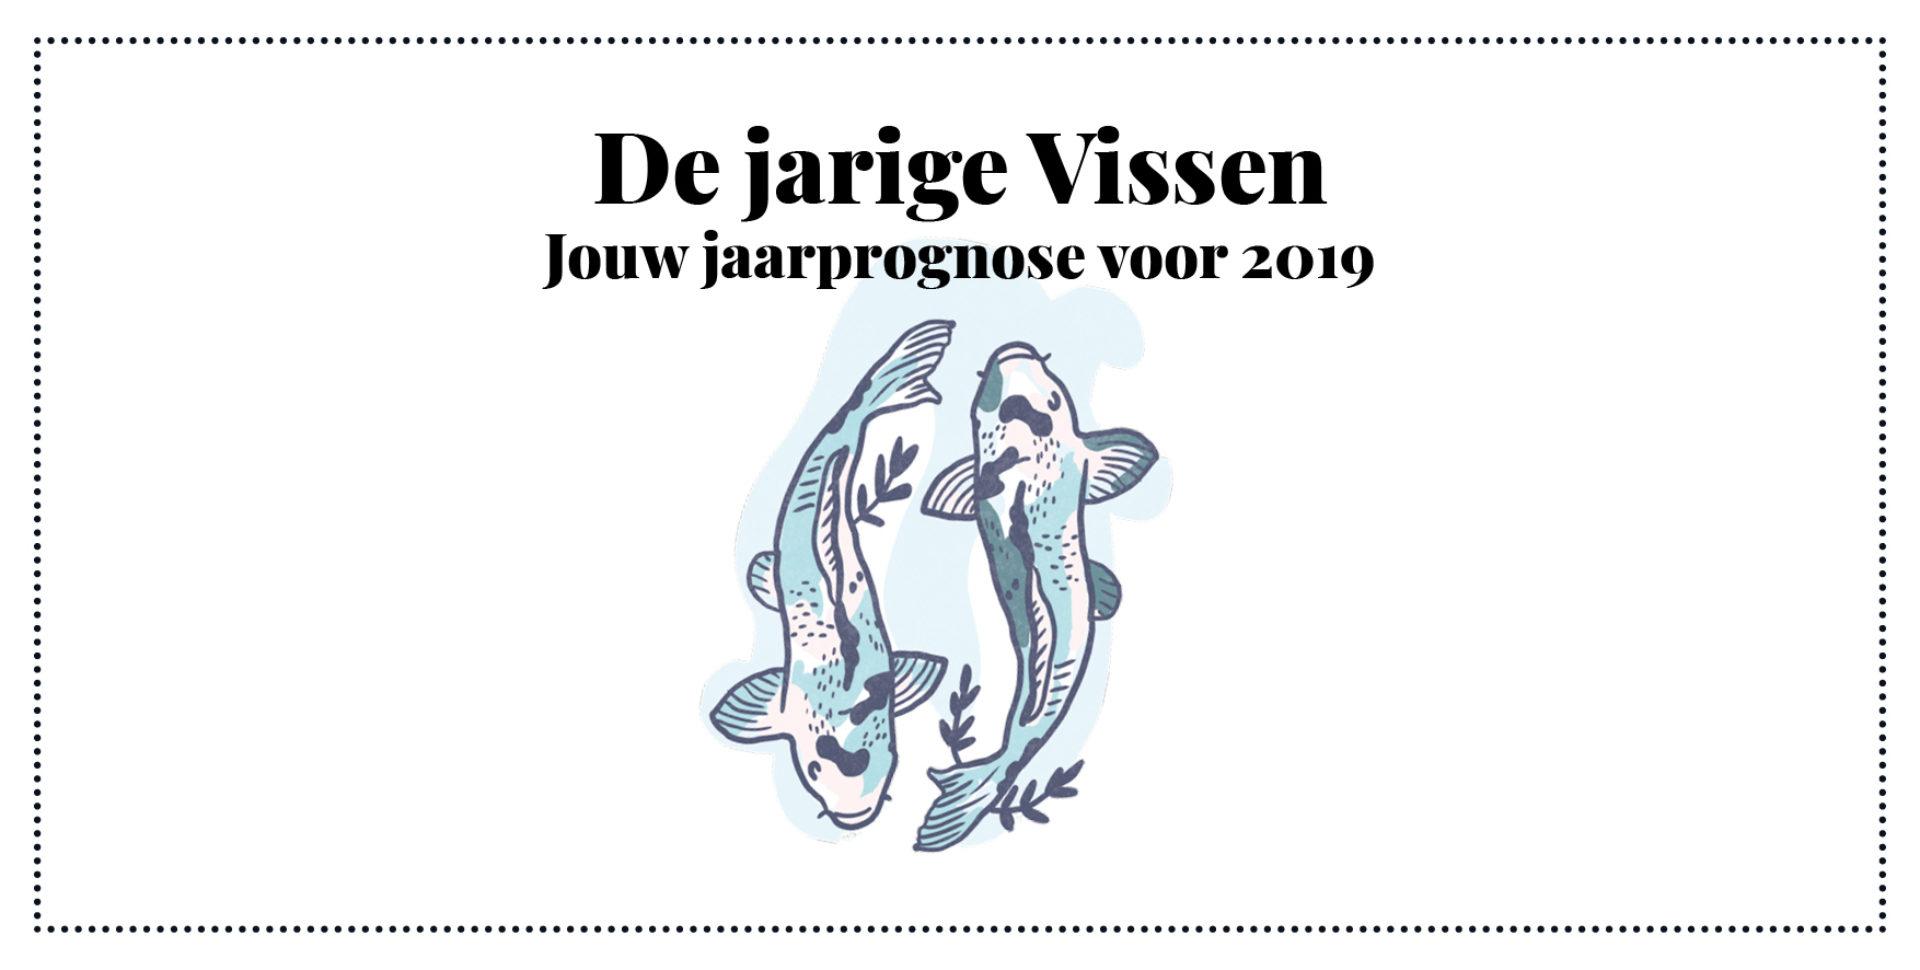 Vissen, jouw jaarhoroscoop 2019-2020